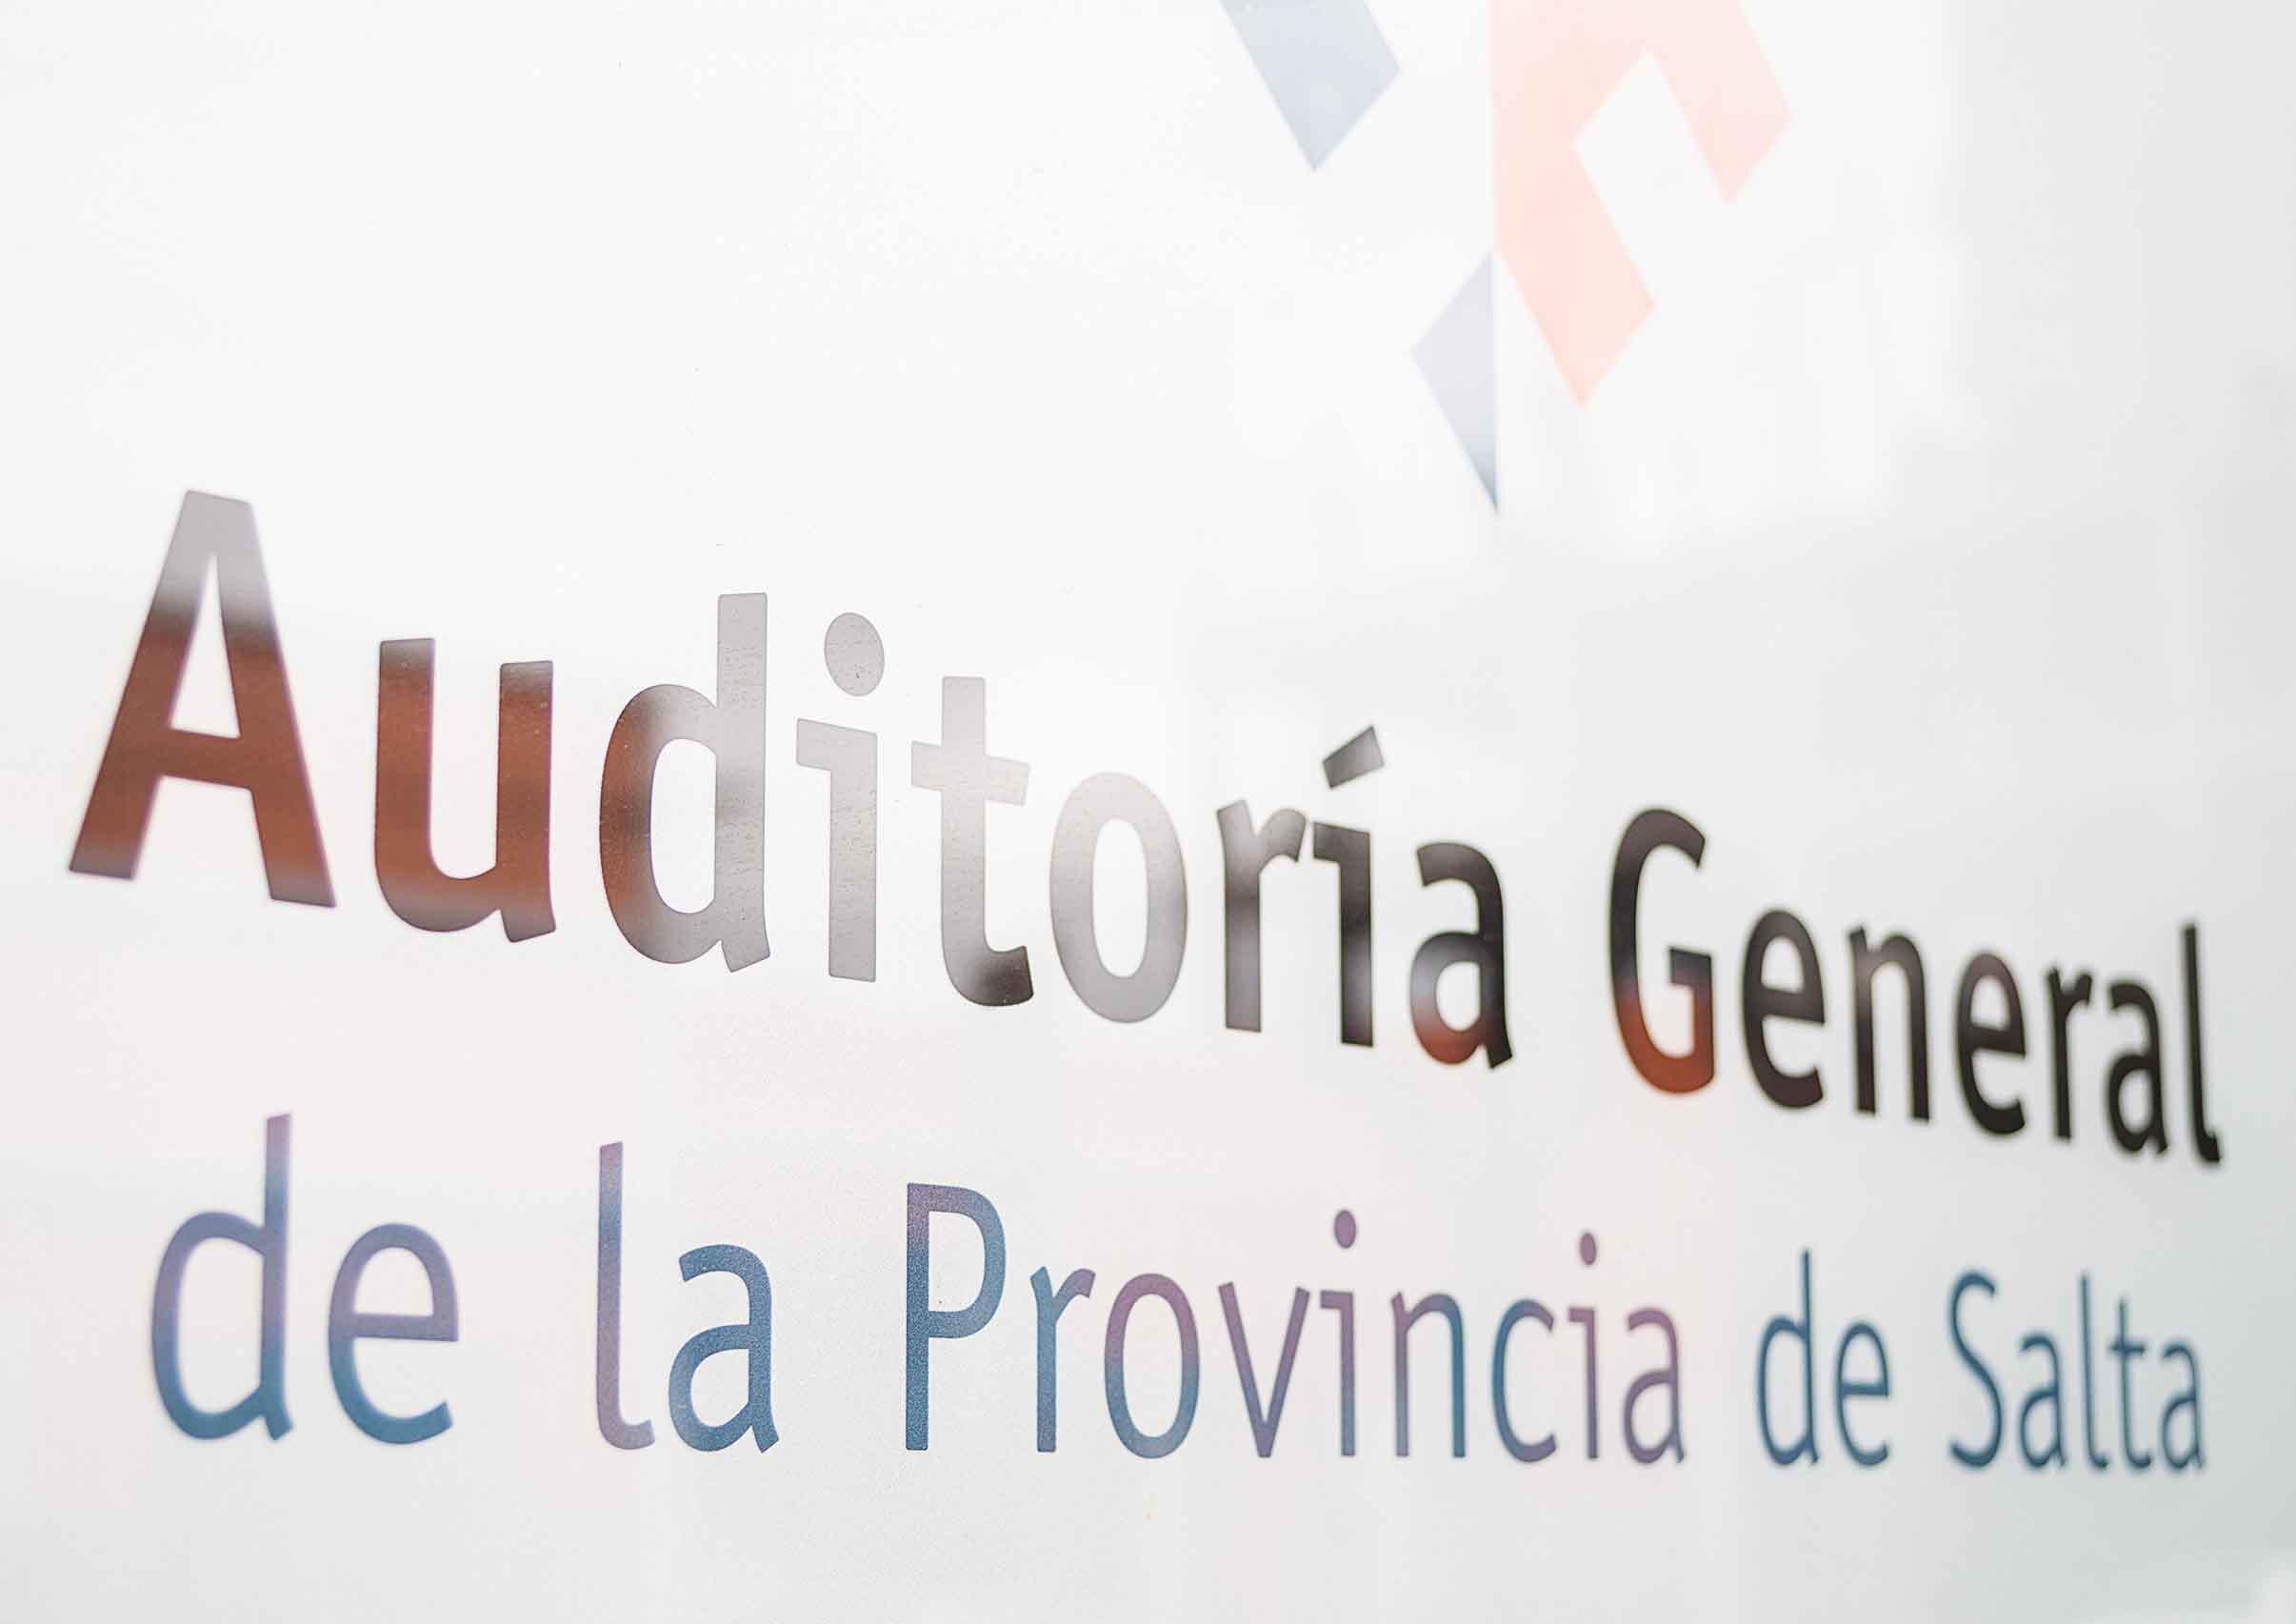 Auditoría General de la Provincia de Salta